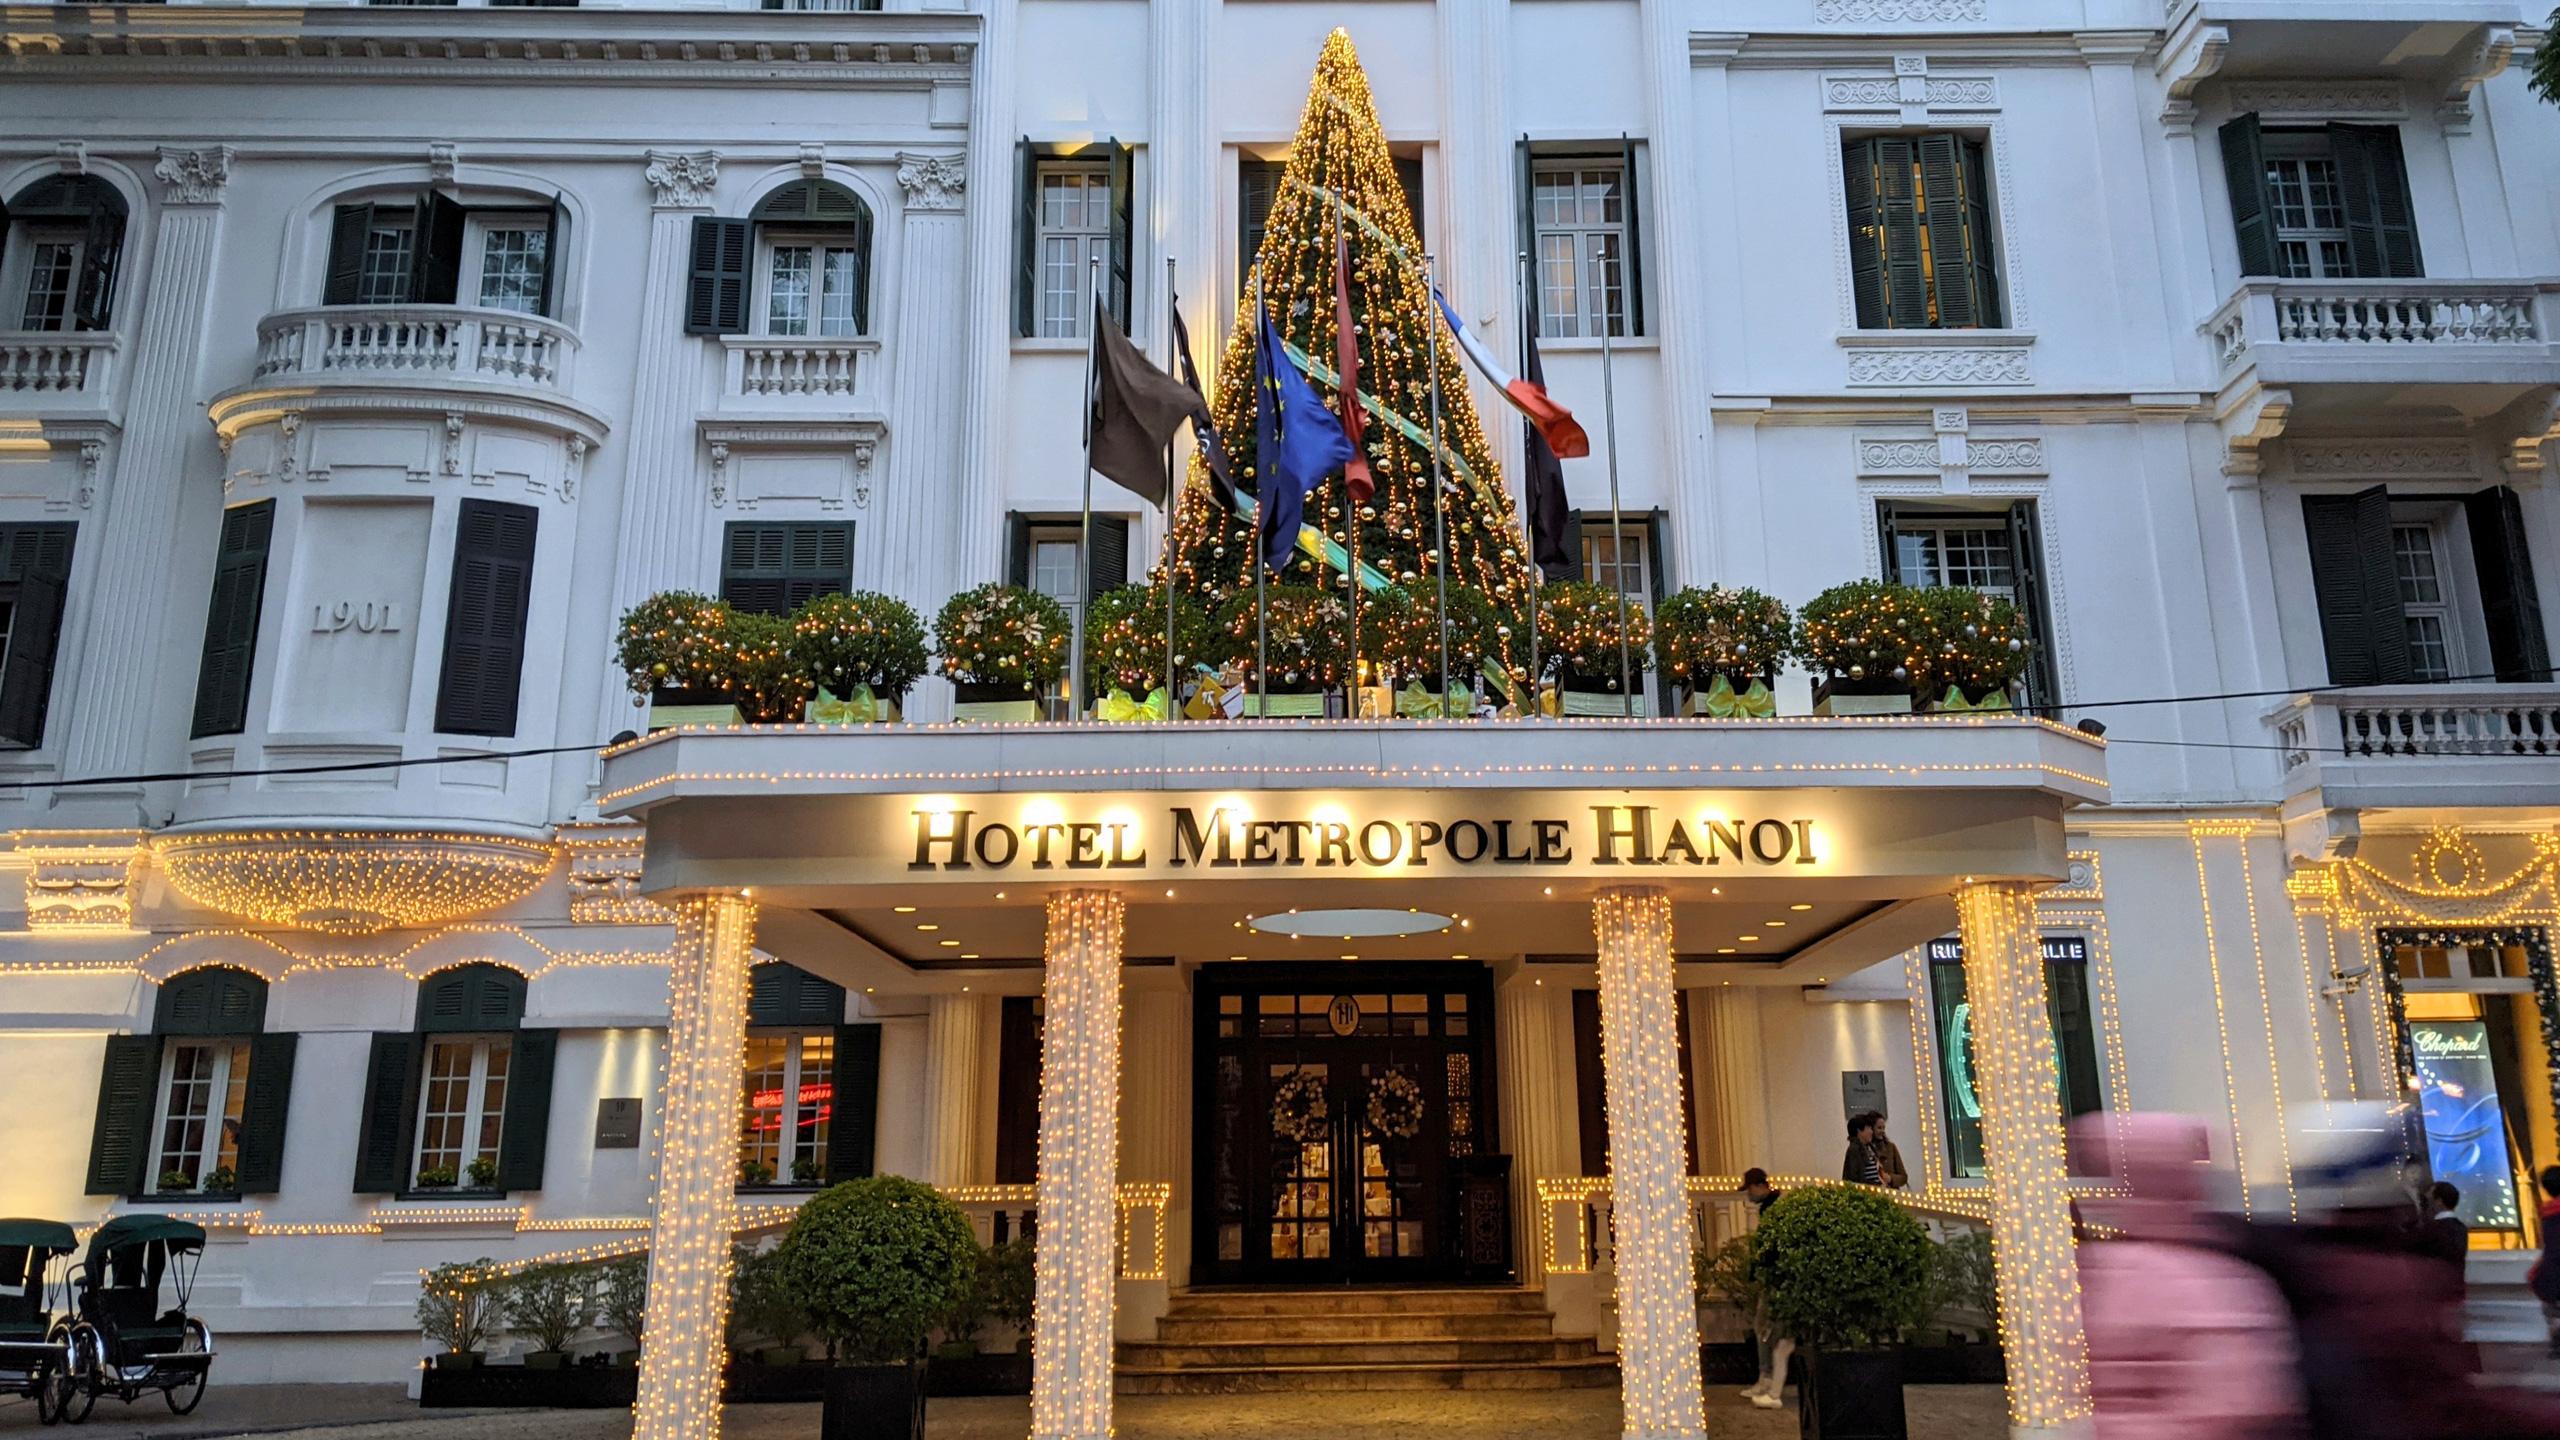 Khách sạn, trung tâm thương mại đồng loạt 'thay áo' mùa Giáng sinh 2020 - Ảnh 1.